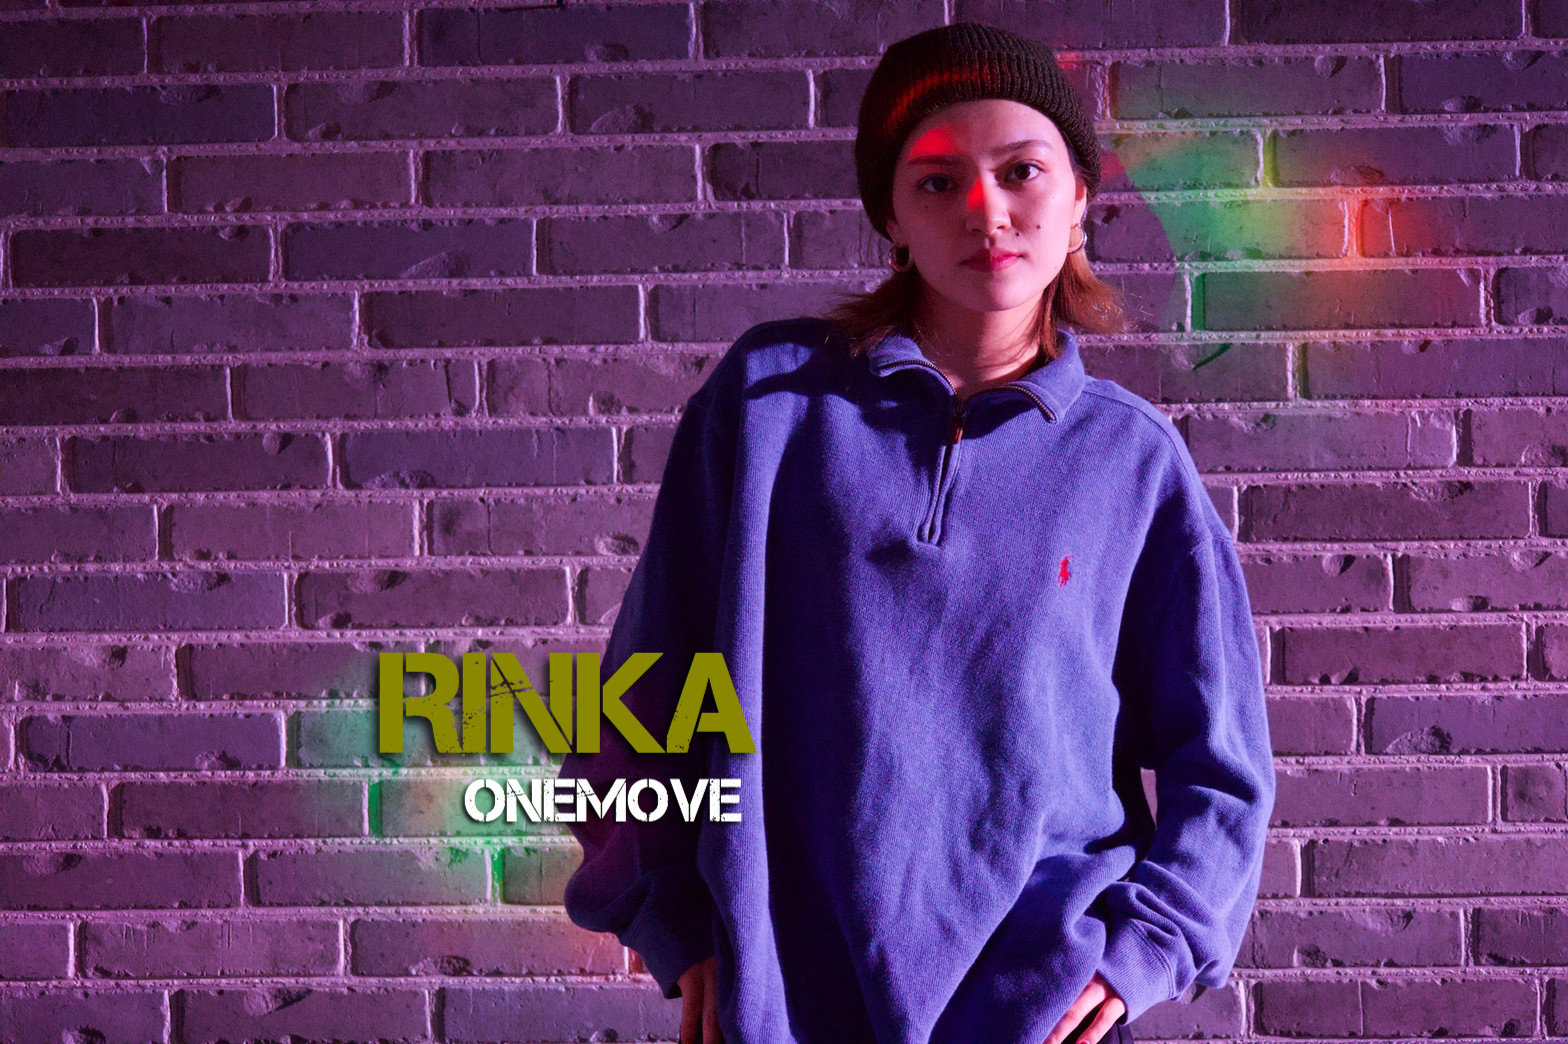 RINKA先生のKIDS初級クラス体験レッスン申し込み(日) HIPHOP